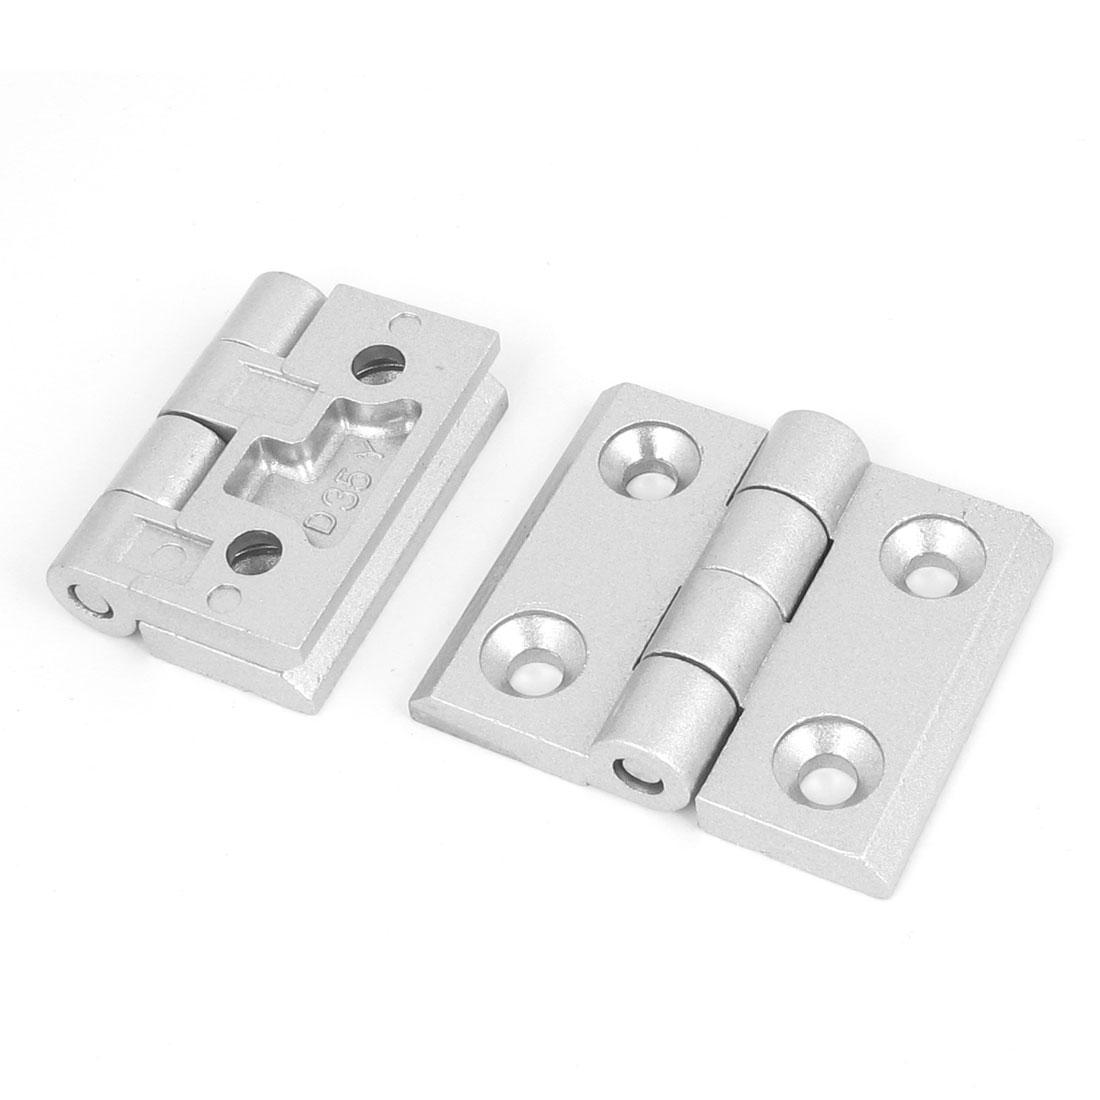 2pcs Cupboard Cabinet Closet Aluminum Alloy Door Butt Hinge 60mm Long